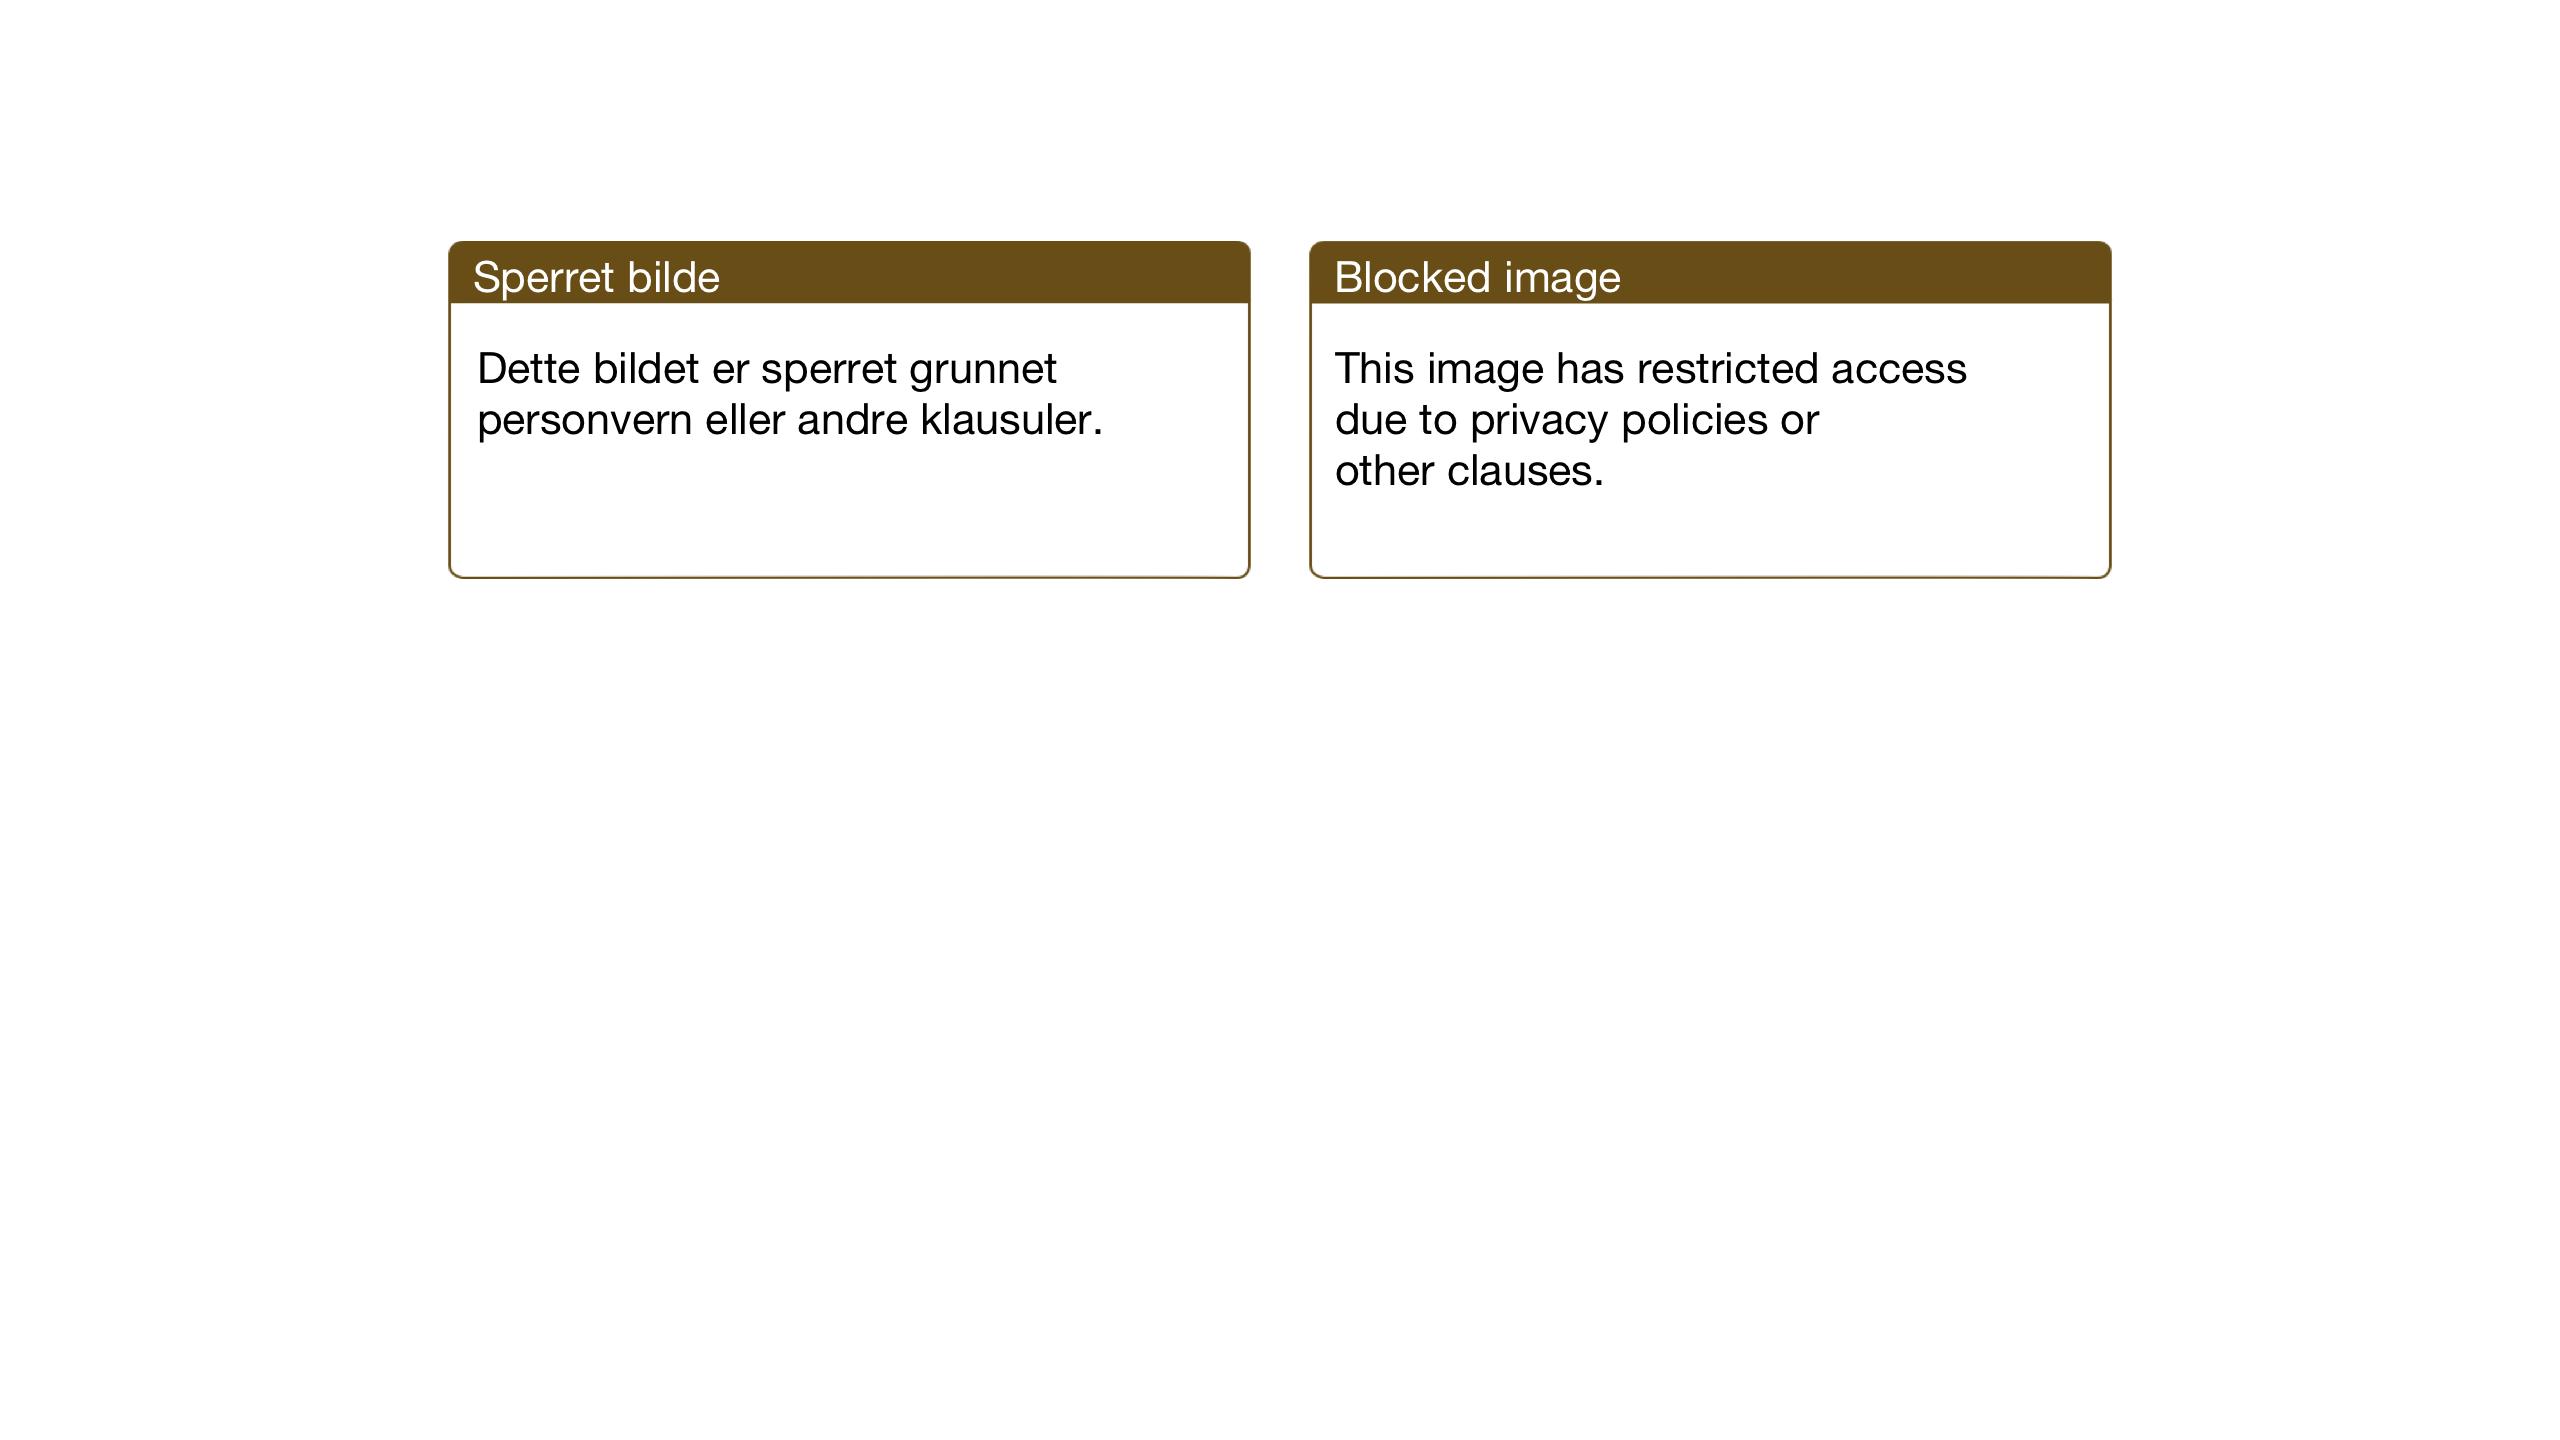 SAT, Ministerialprotokoller, klokkerbøker og fødselsregistre - Nord-Trøndelag, 714/L0136: Klokkerbok nr. 714C05, 1918-1957, s. 35